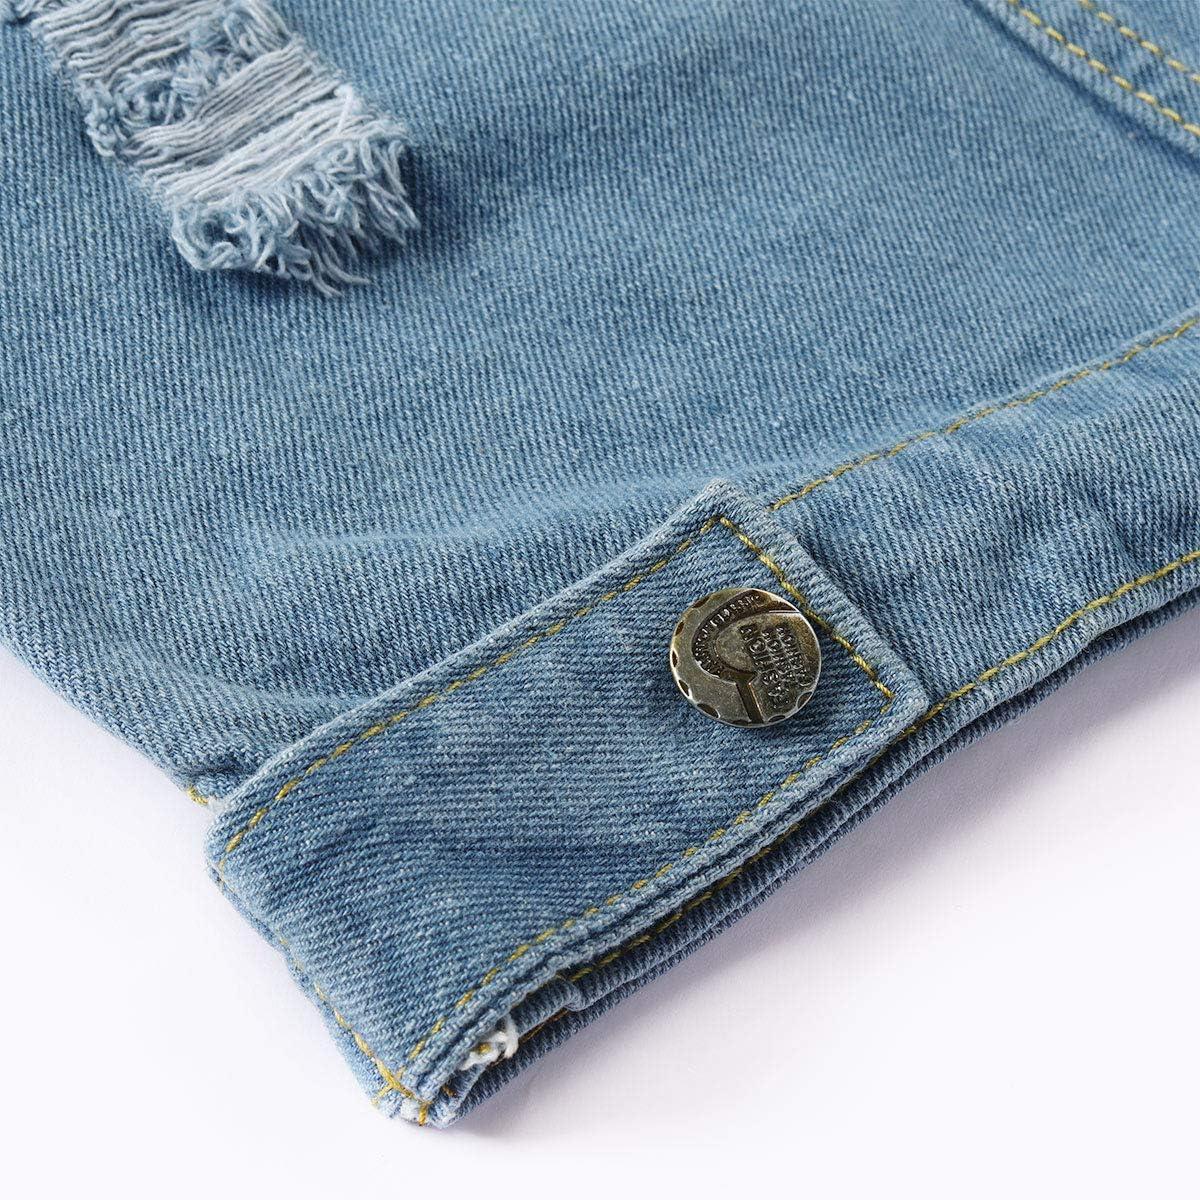 YOUTHUP Gilet per Uomo Vintage Strappato Gilet di Jeans da Uomo Fresco Senza Maniche Giacca Jeans Capispalla